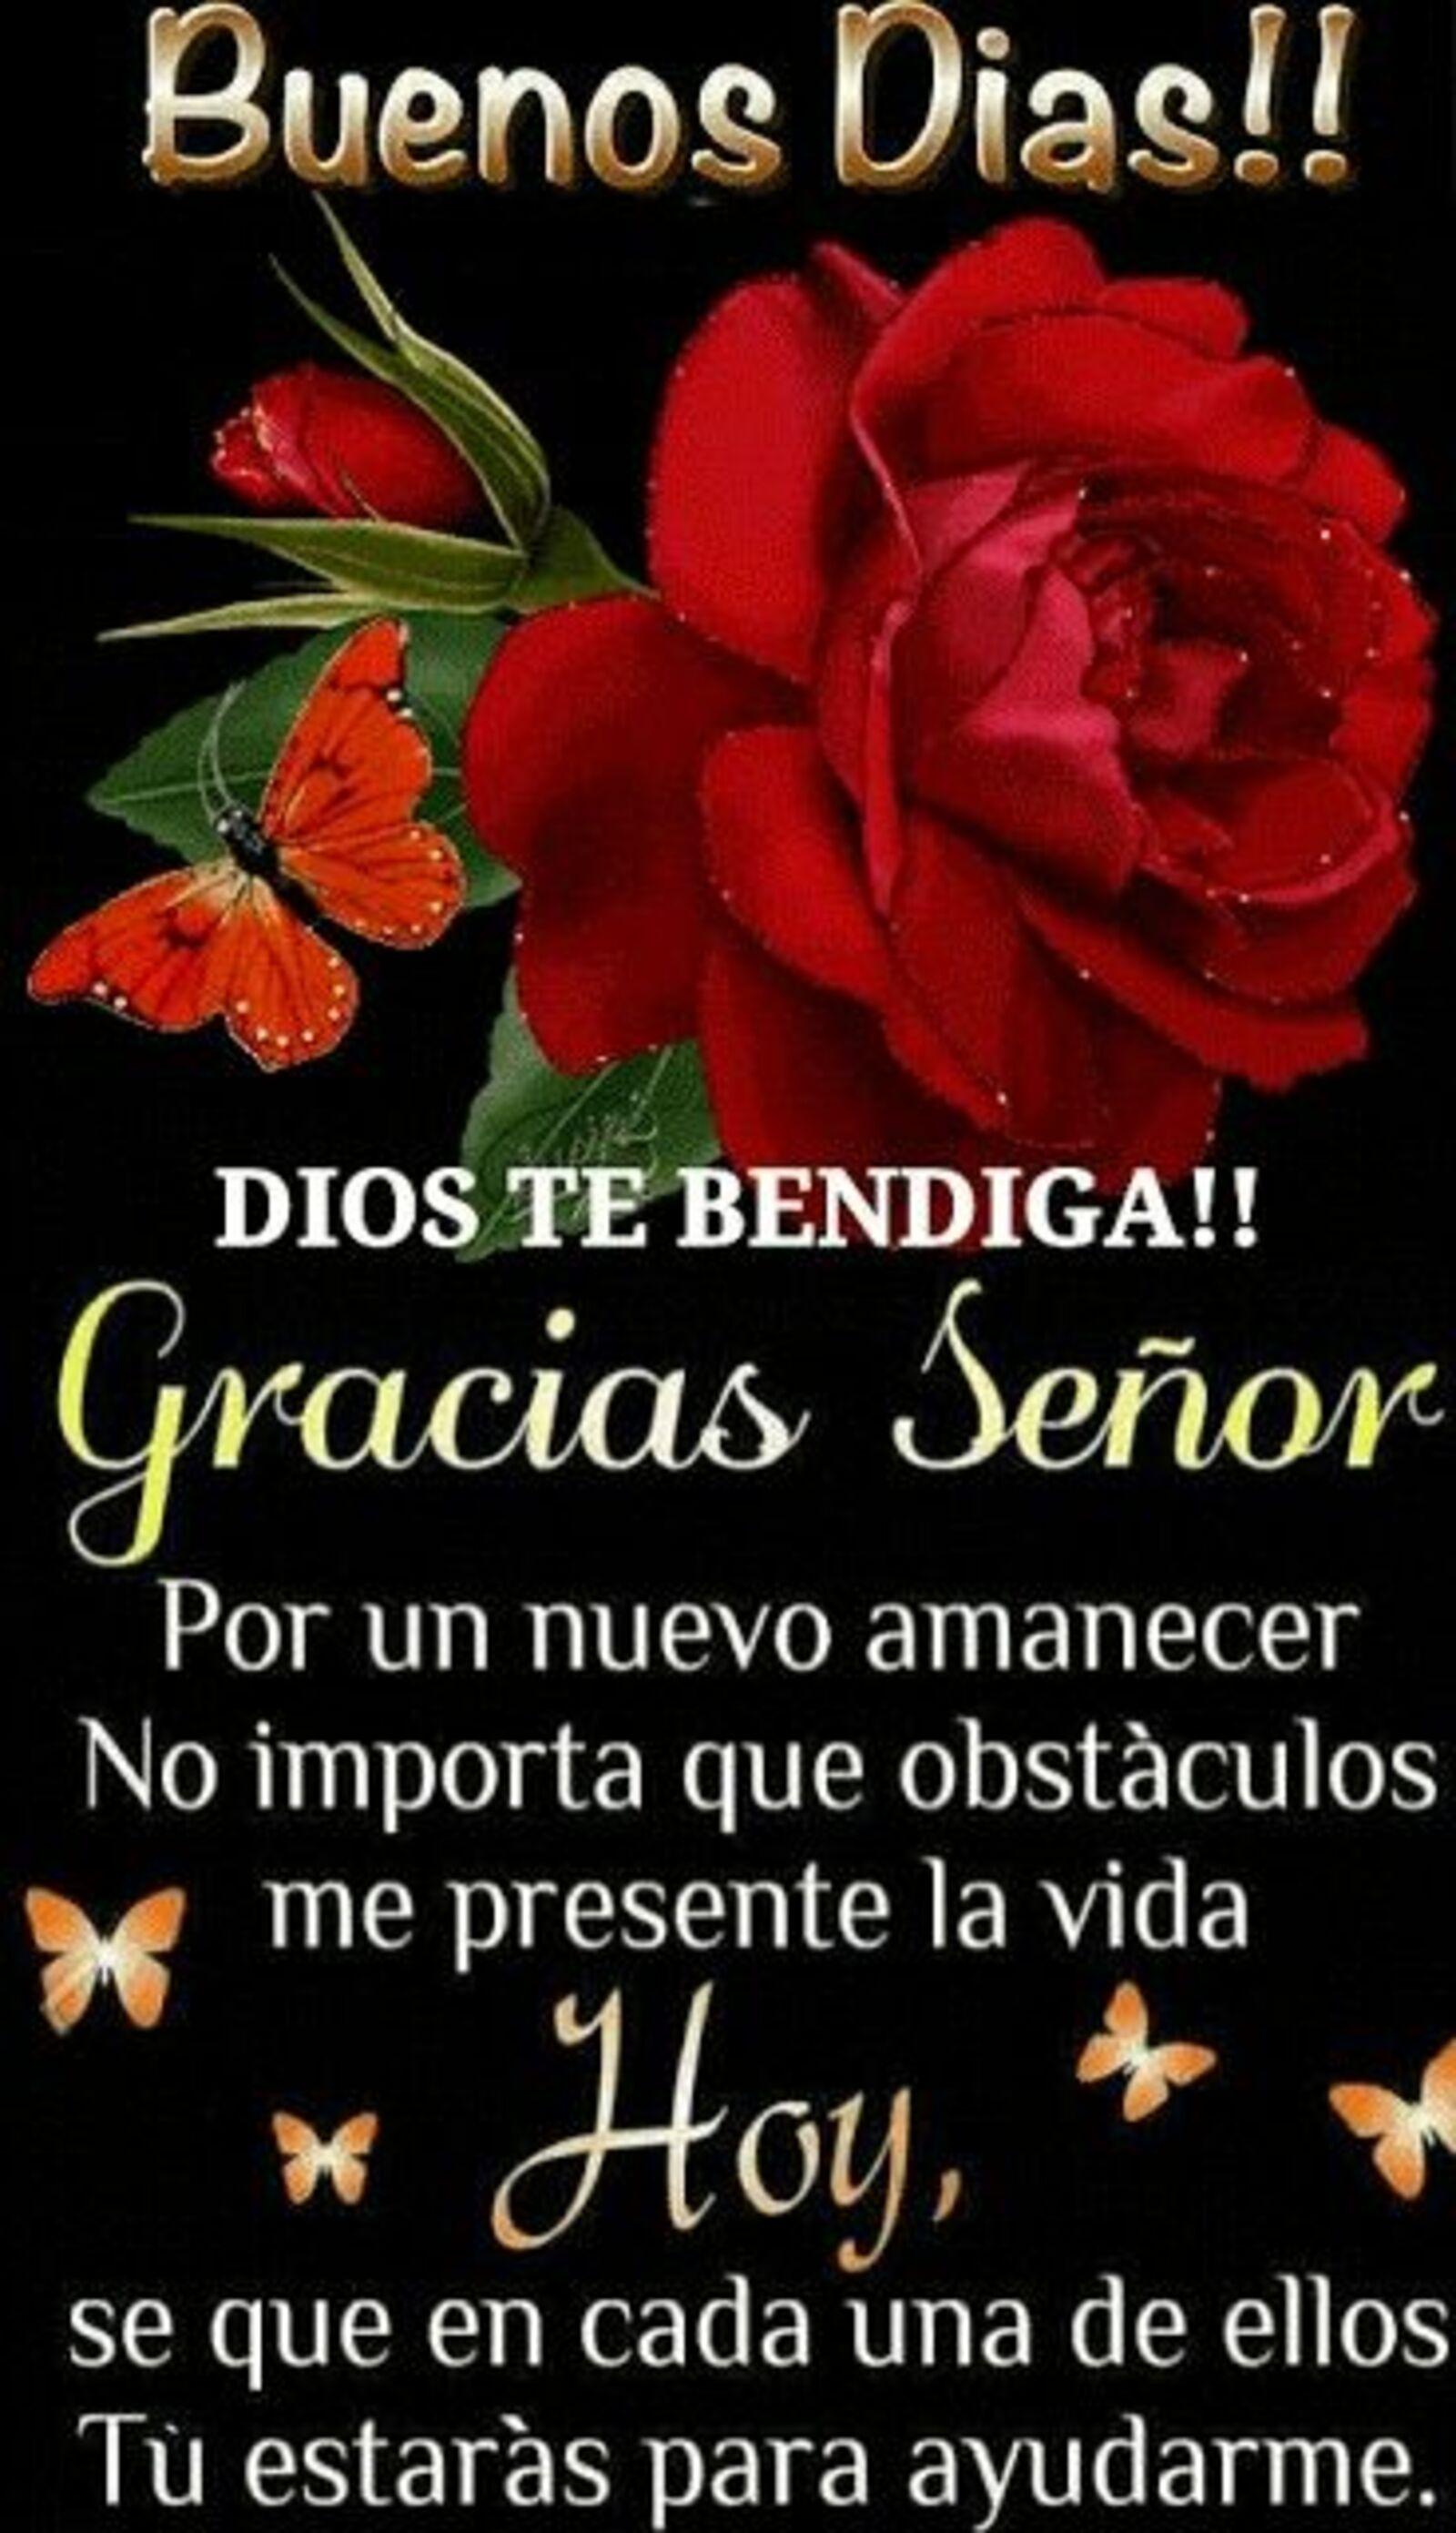 Buenos días !! DIOS TE BENDIGA !! Gracias Señor